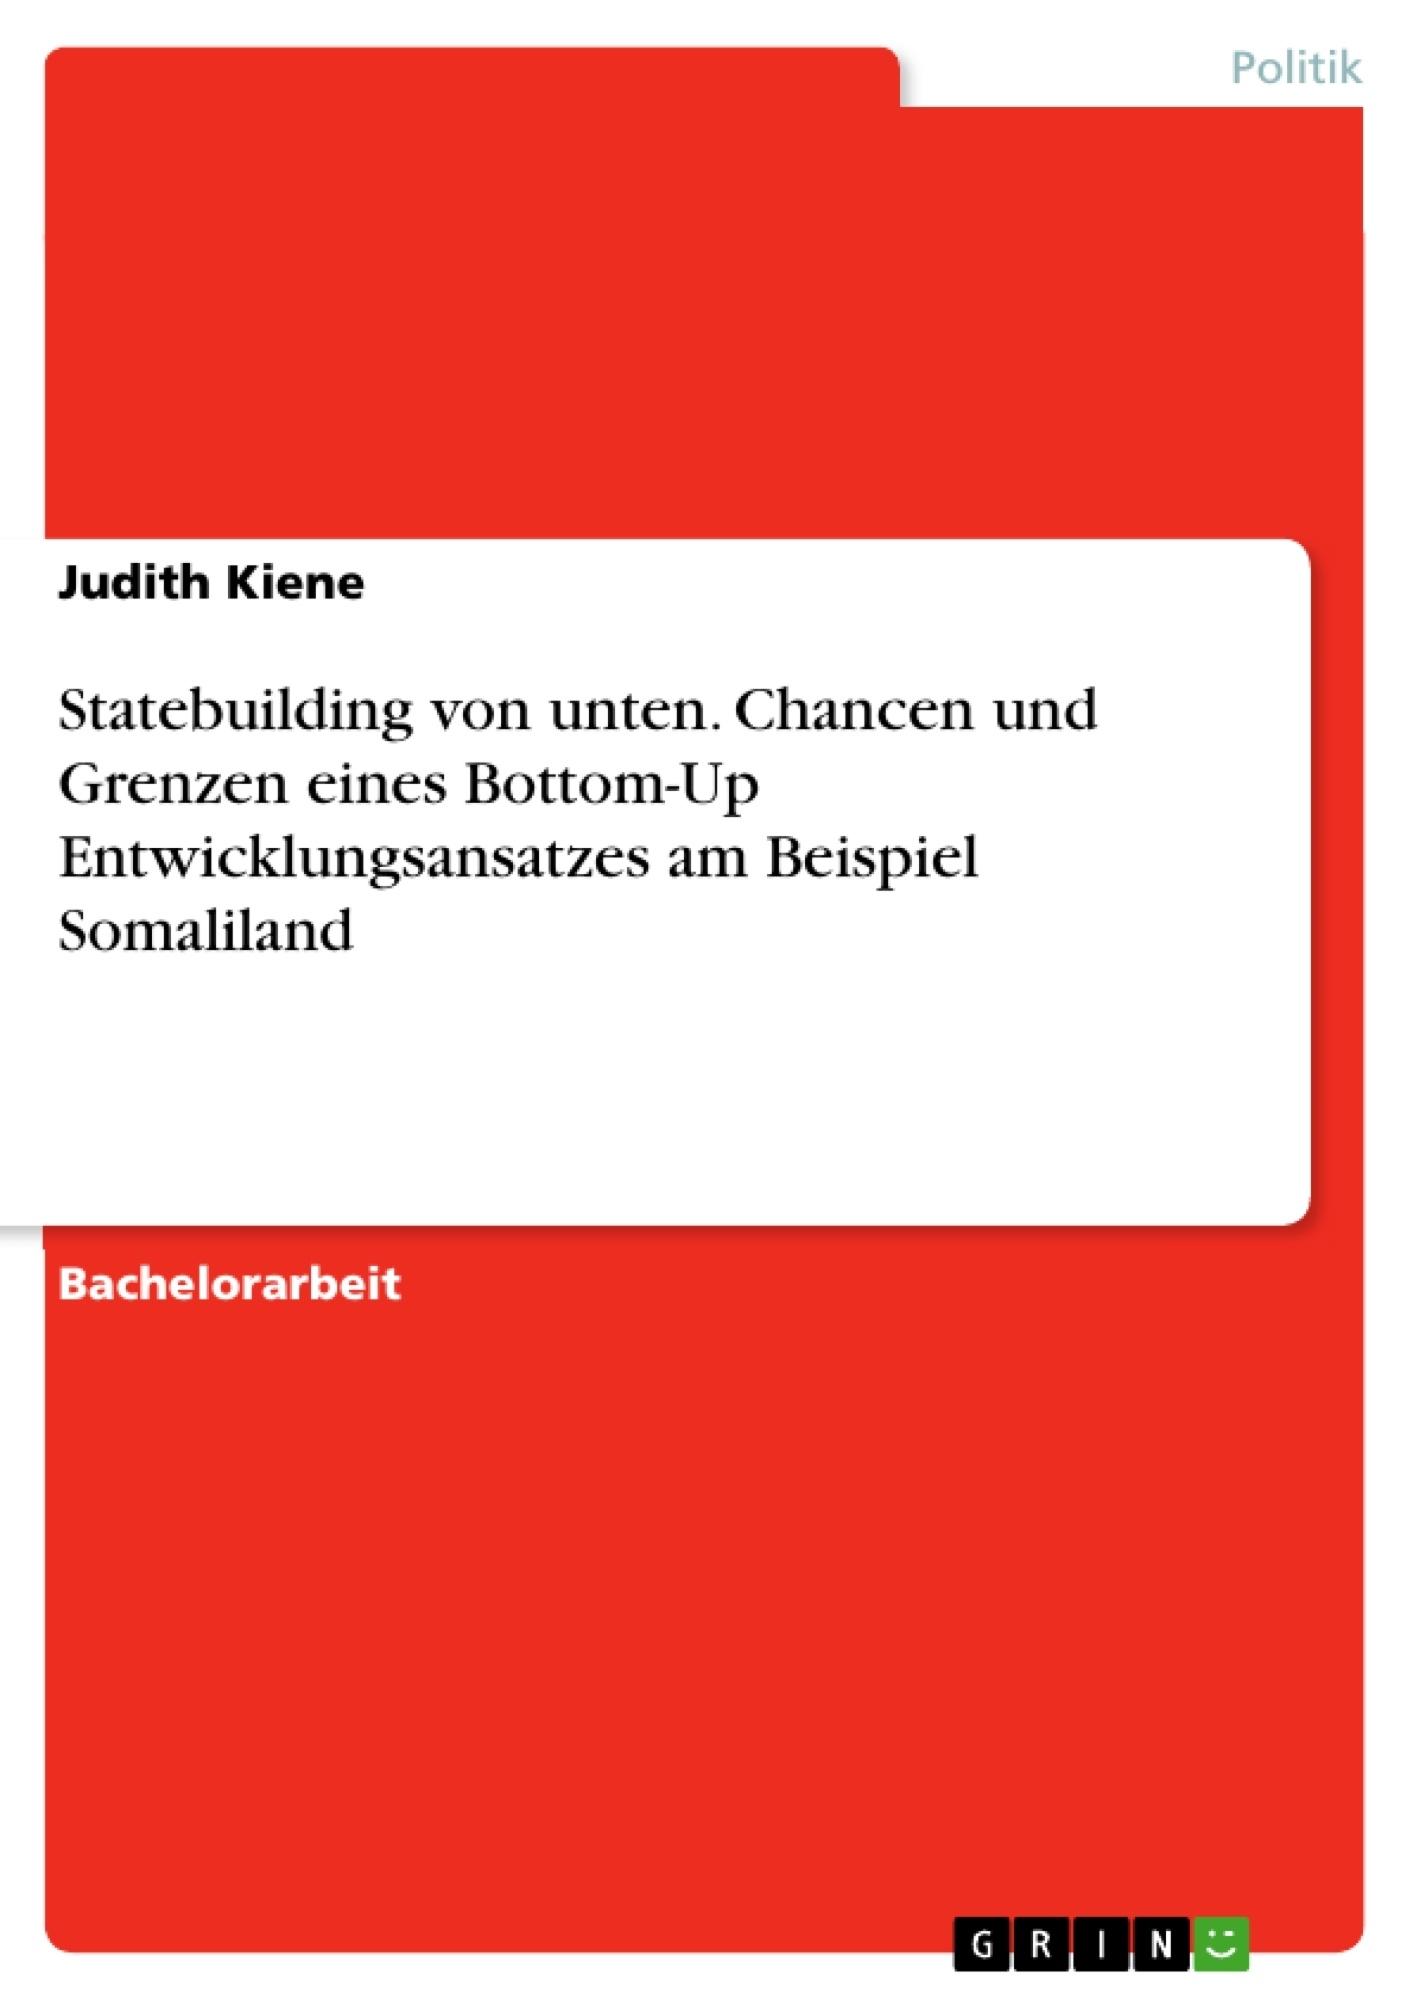 Titel: Statebuilding von unten. Chancen und Grenzen eines Bottom-Up Entwicklungsansatzes am Beispiel Somaliland